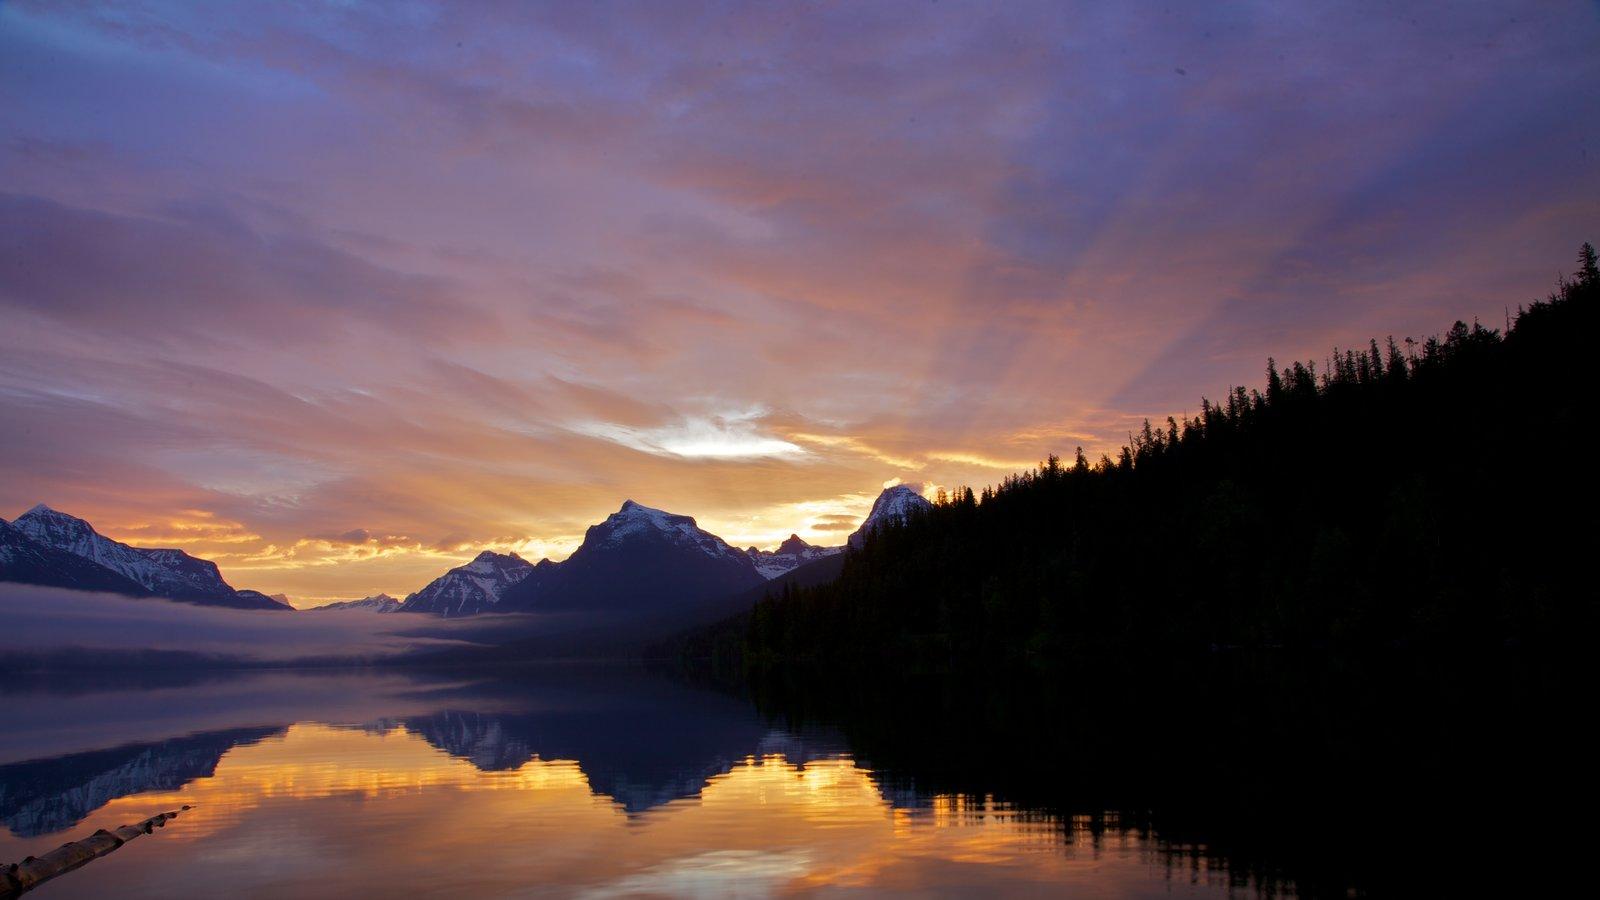 Parque Nacional de los Glaciares ofreciendo un lago o abrevadero y una puesta de sol